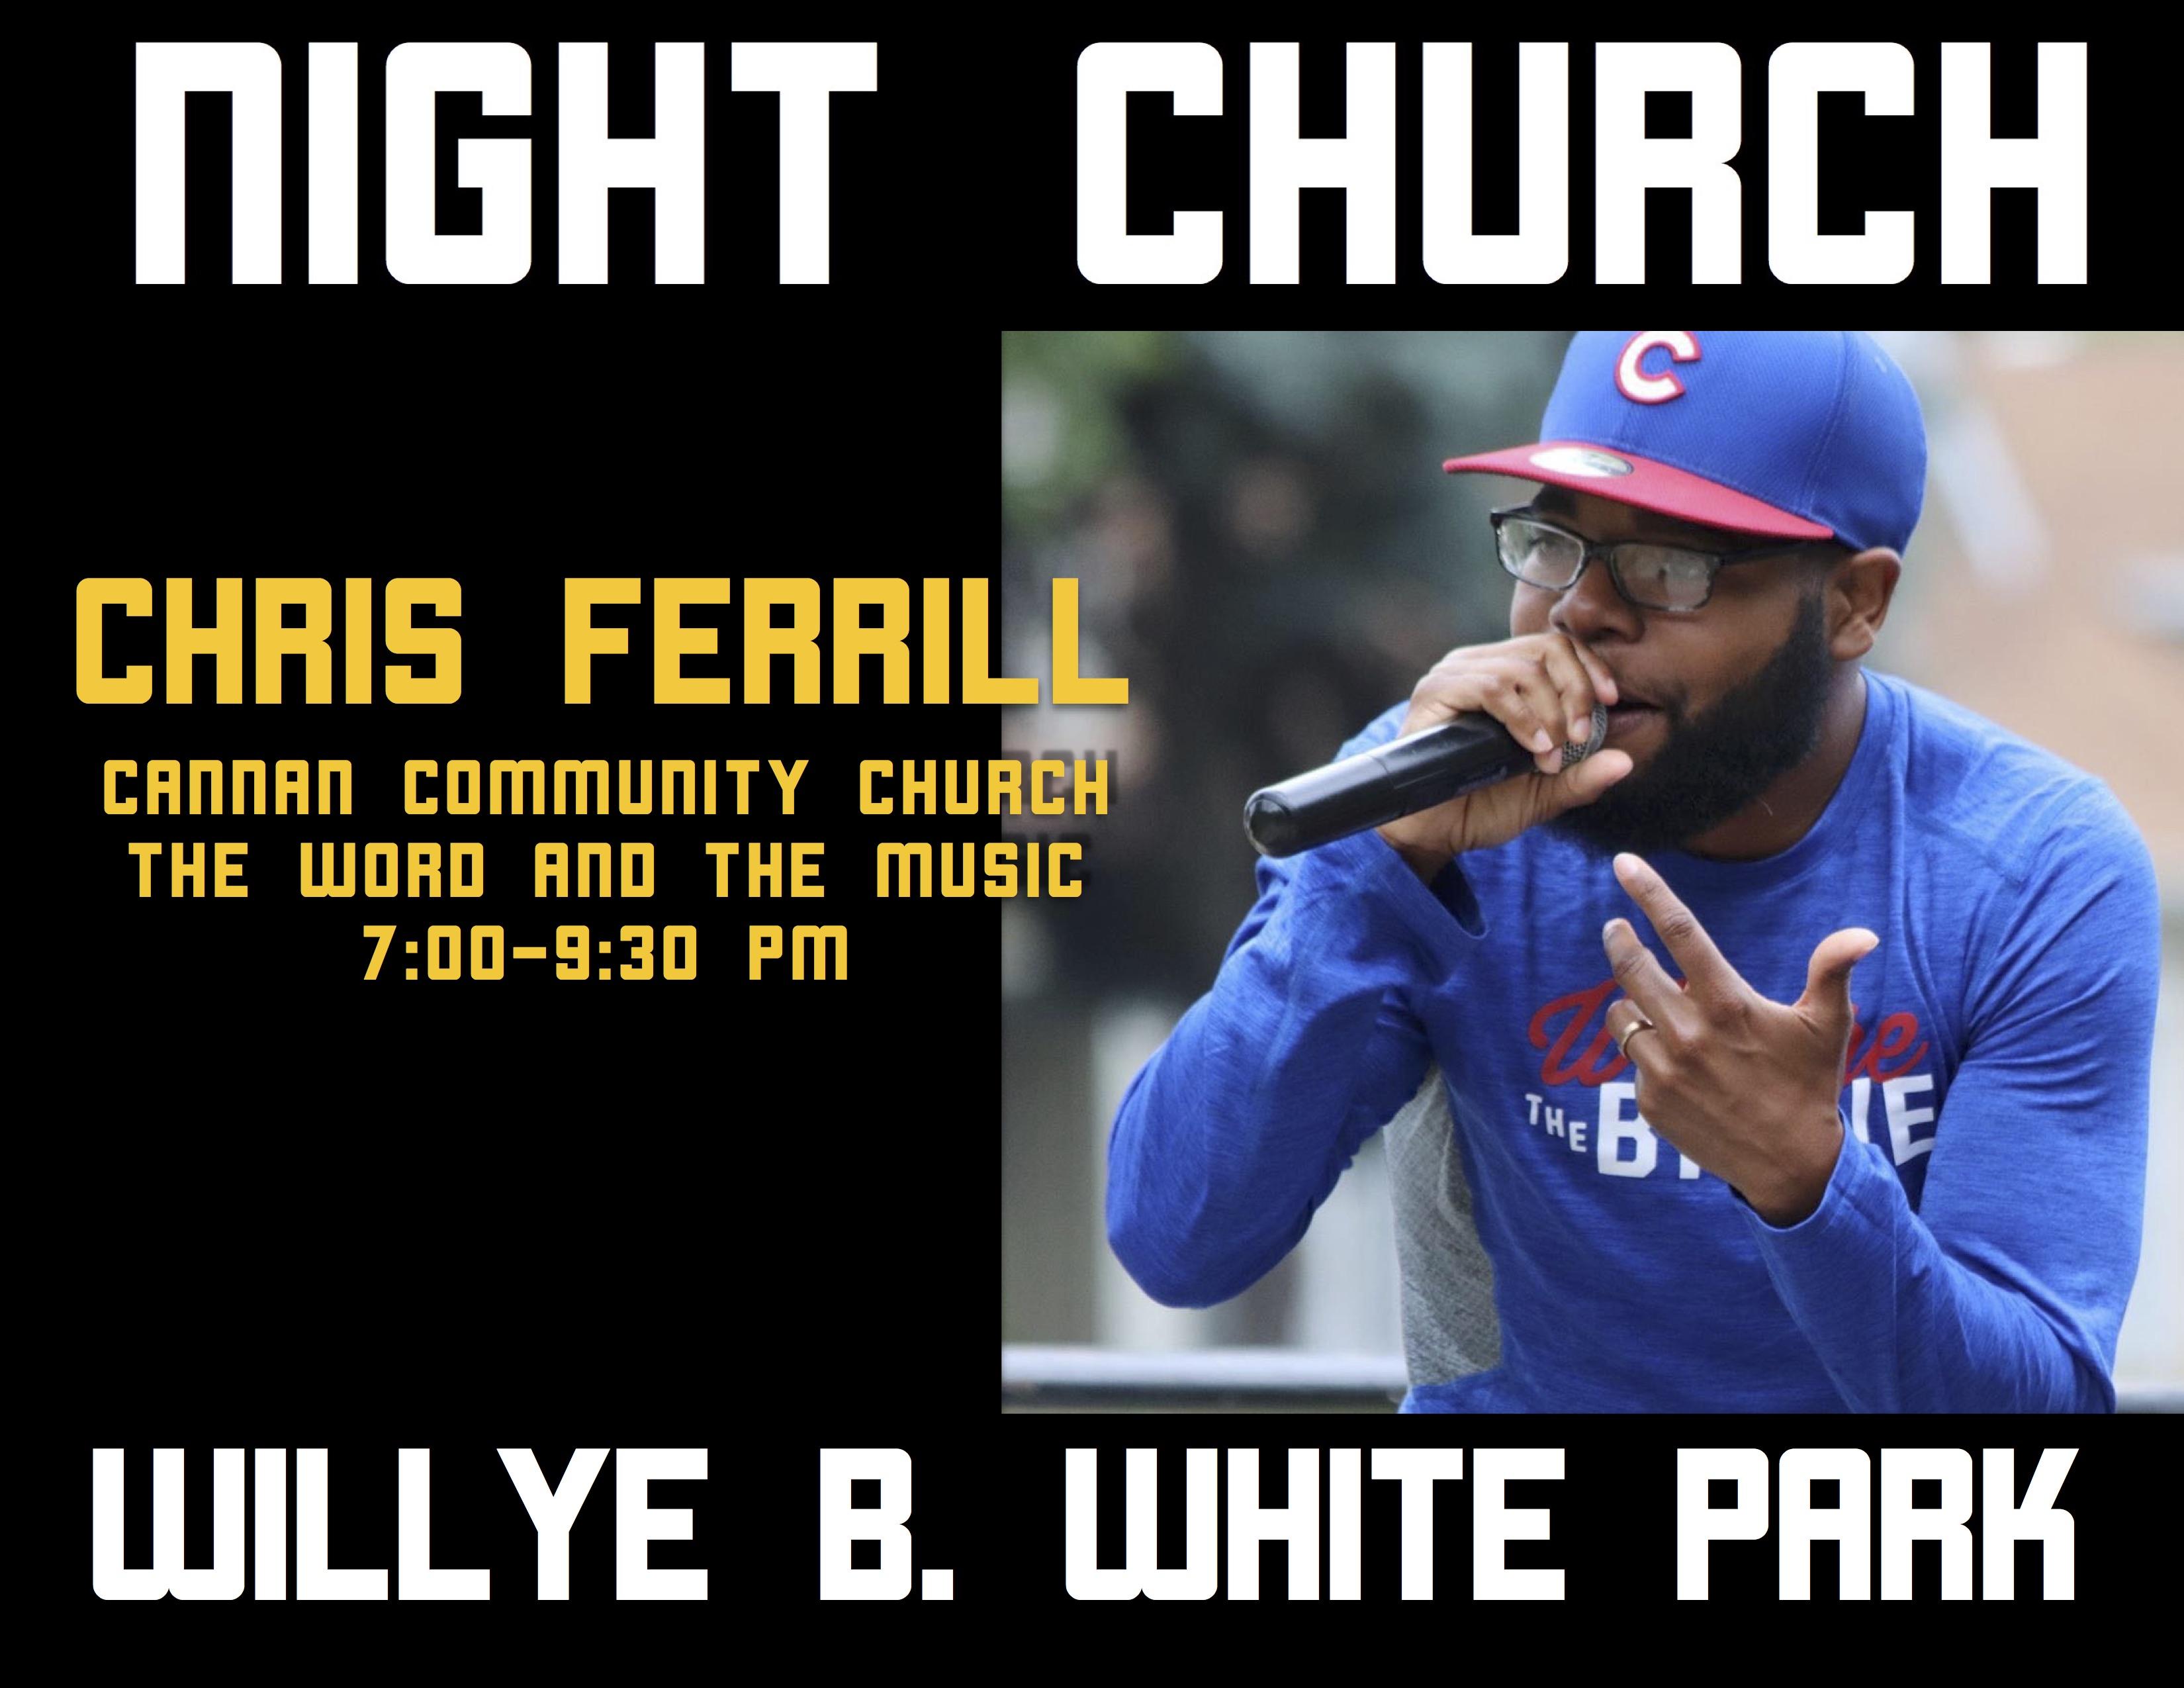 Night Church - Willye B White Park